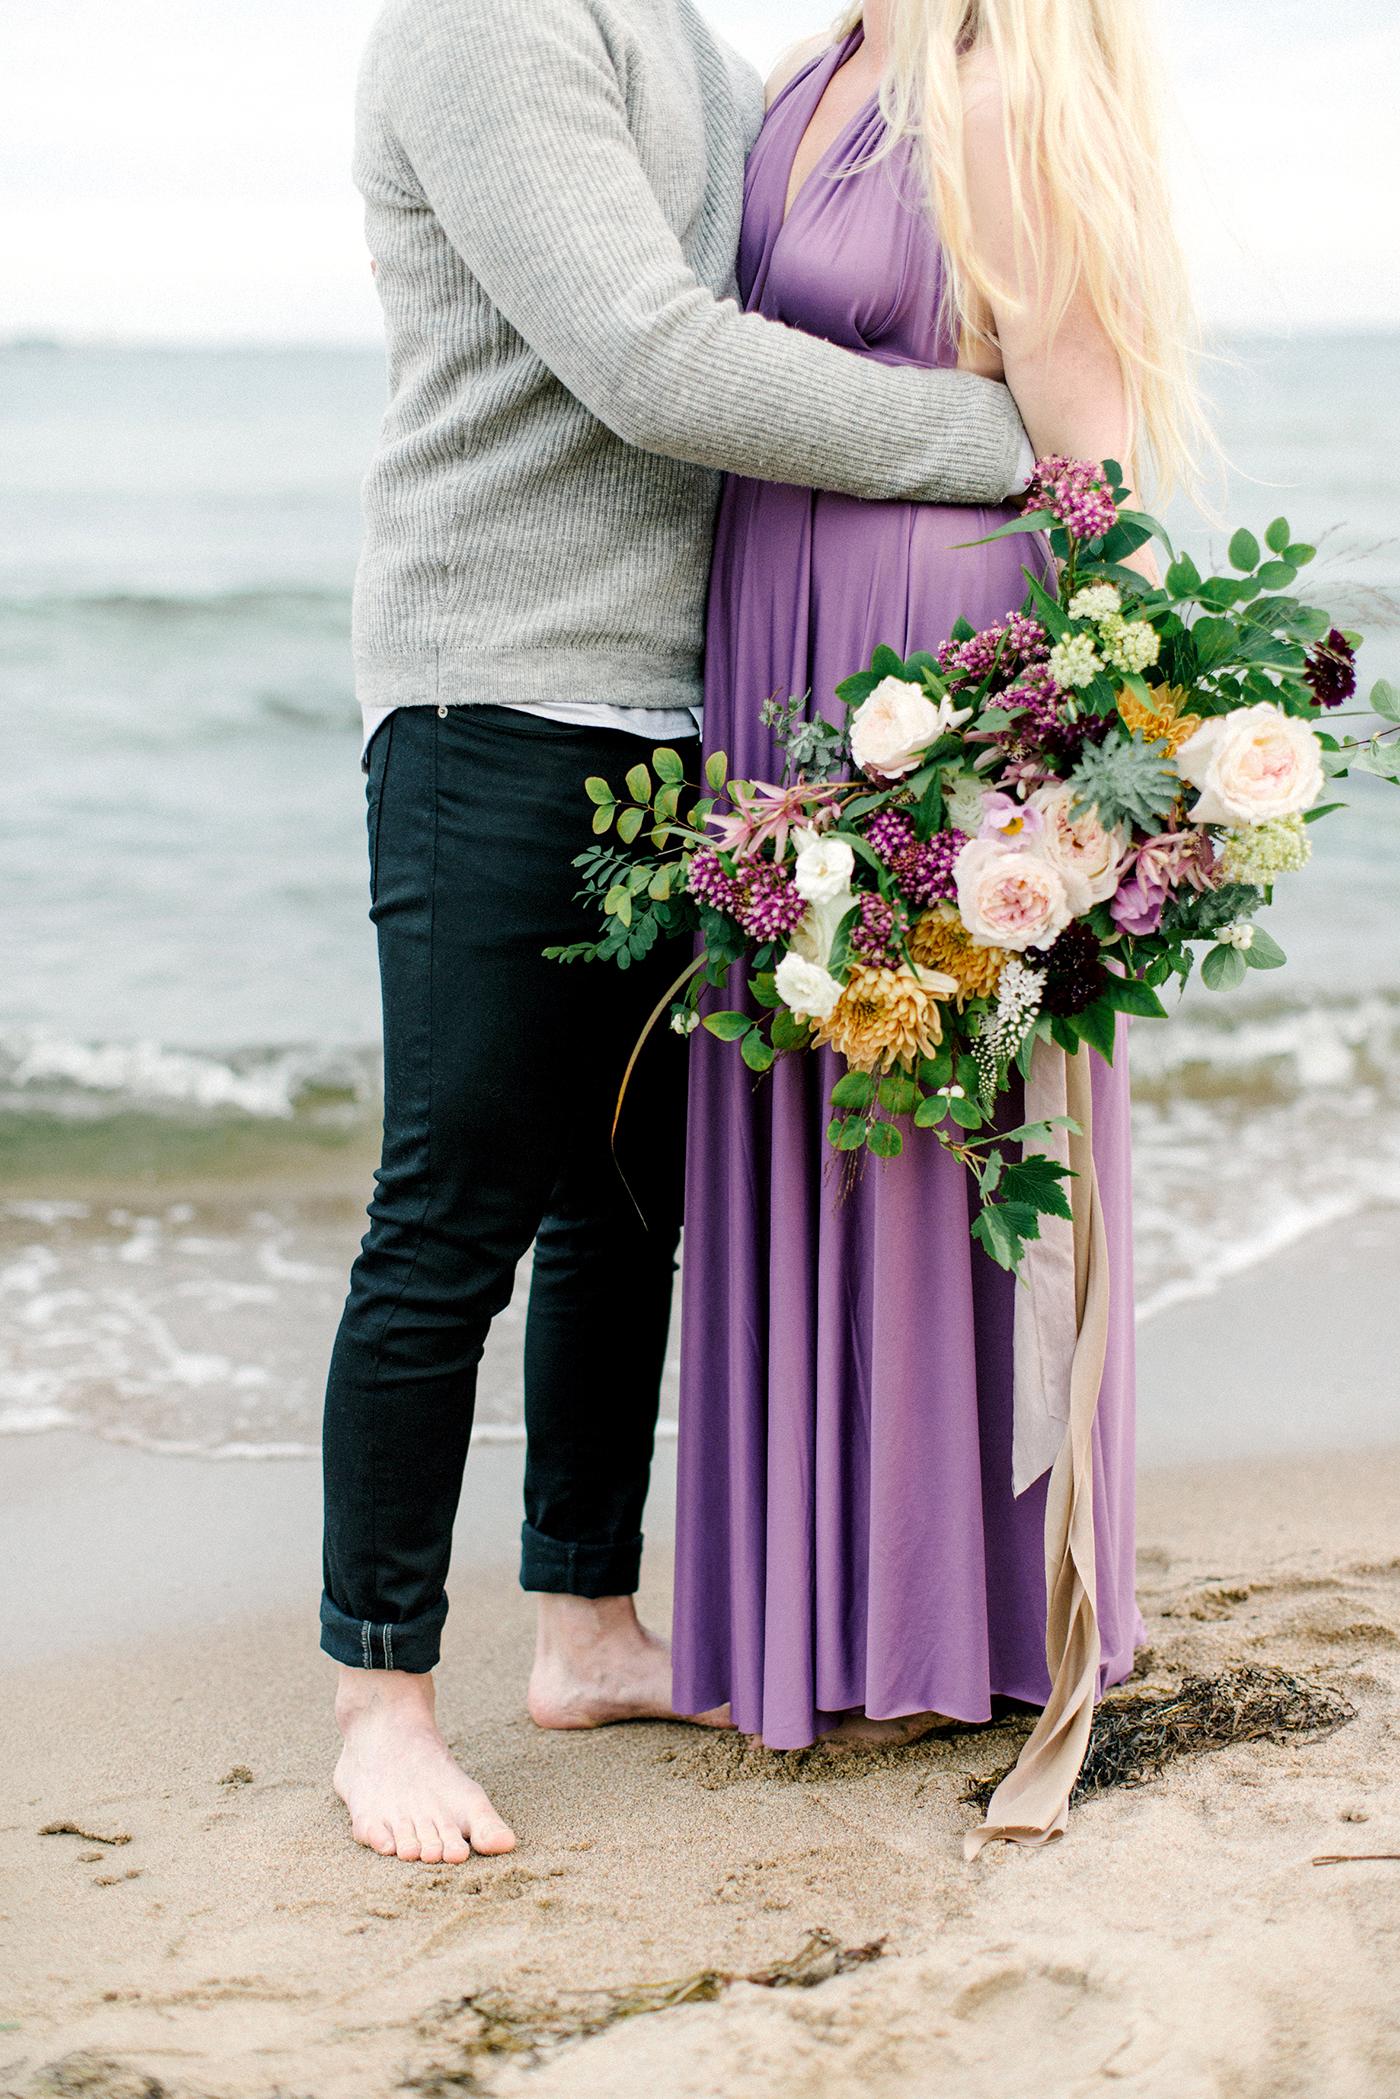 Sari & Mikko - Beach Engagement Couple Shoot in Hanko kihlakuvaus parikuvaus - Susanna Nordvall - Hey Look (3).jpg